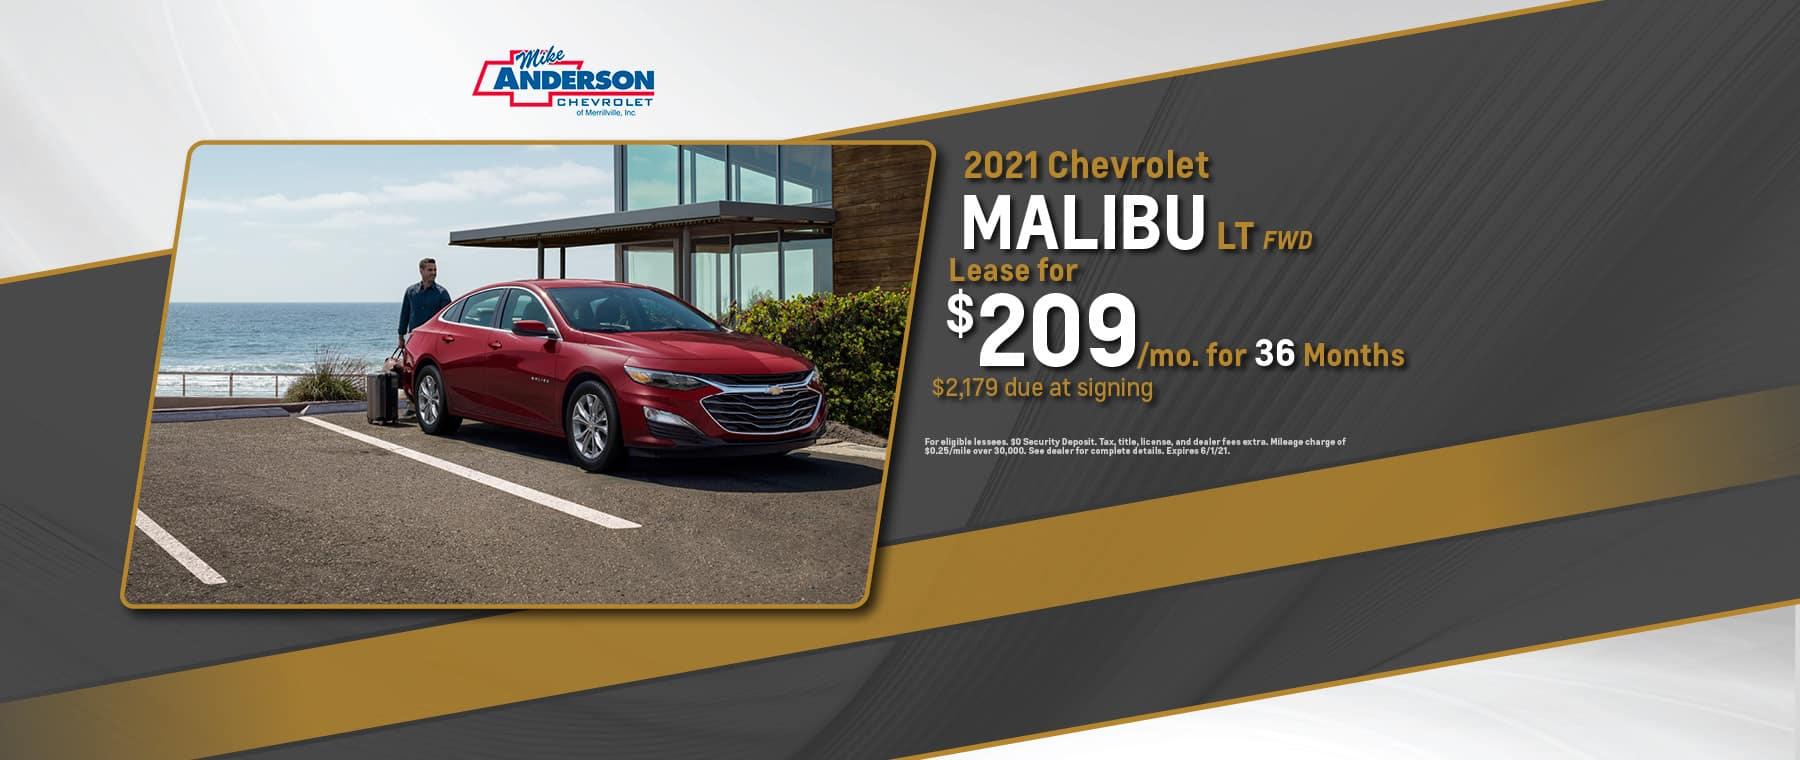 2021-05-mikeandersonchevmerroffplat-10293659-21MalibuLT-lease-OT